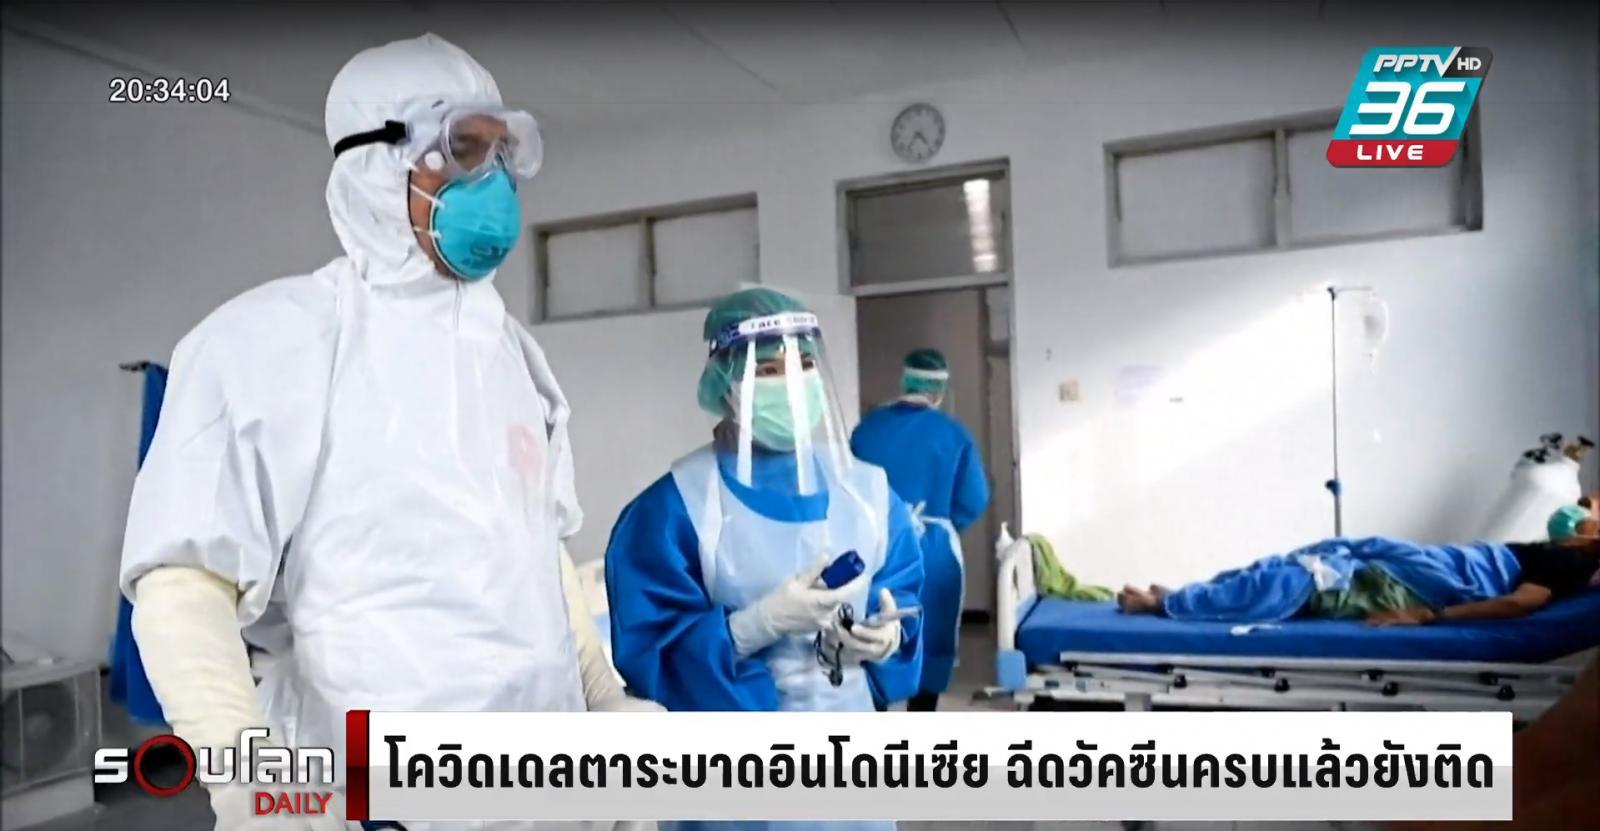 โควิดเดลตา ระบาดอินโดฯ หมอ-พยาบาลติดเชื้อ 350 คน แม้ฉีด ซิโนแวค ครบ 2 เข็ม